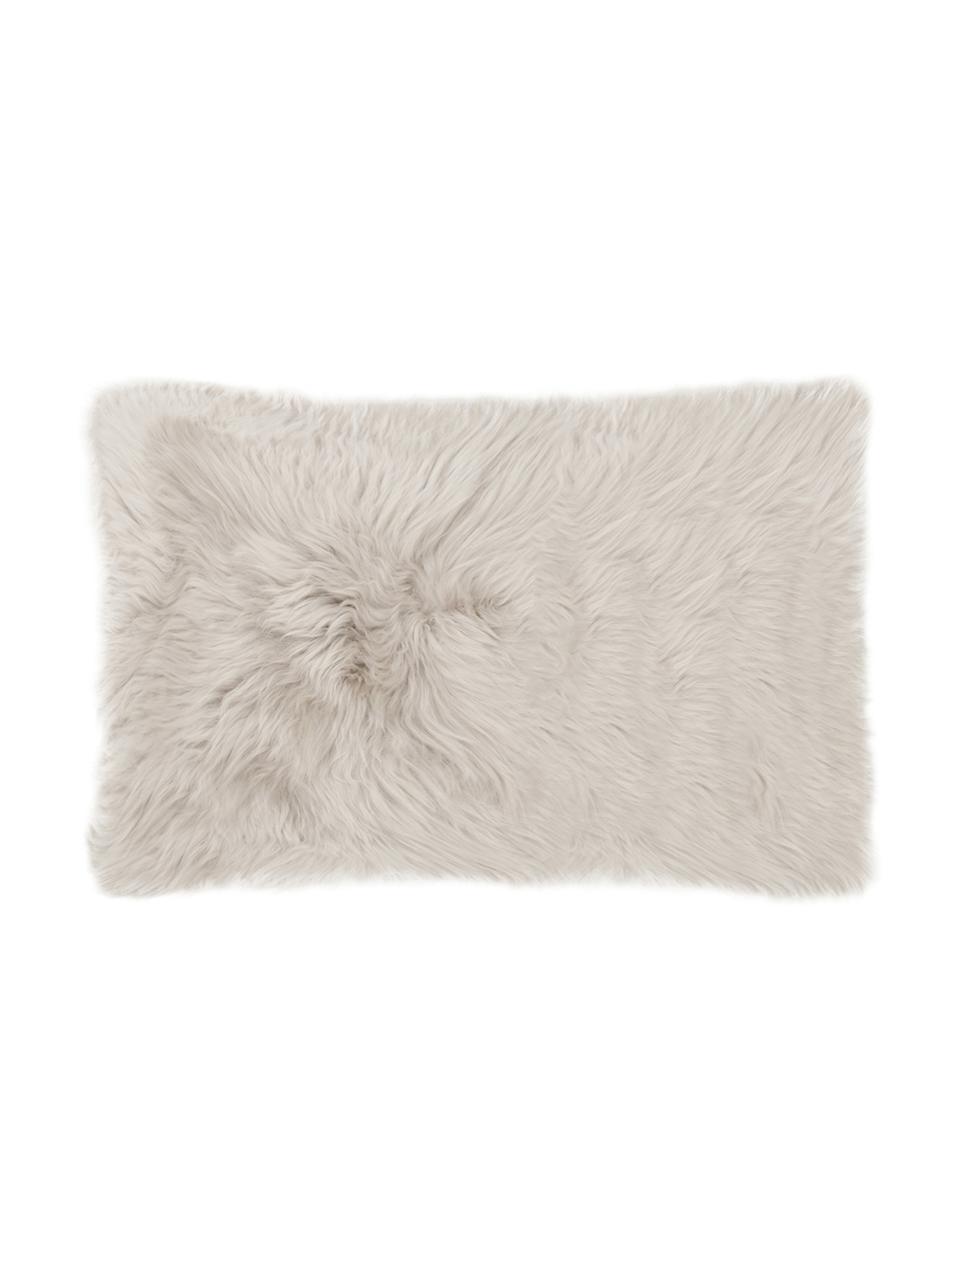 Schaffell-Kissenhülle Oslo in Beige, glatt, Vorderseite: 100% Schaffell, Rückseite: Leinen, Beige, 30 x 50 cm